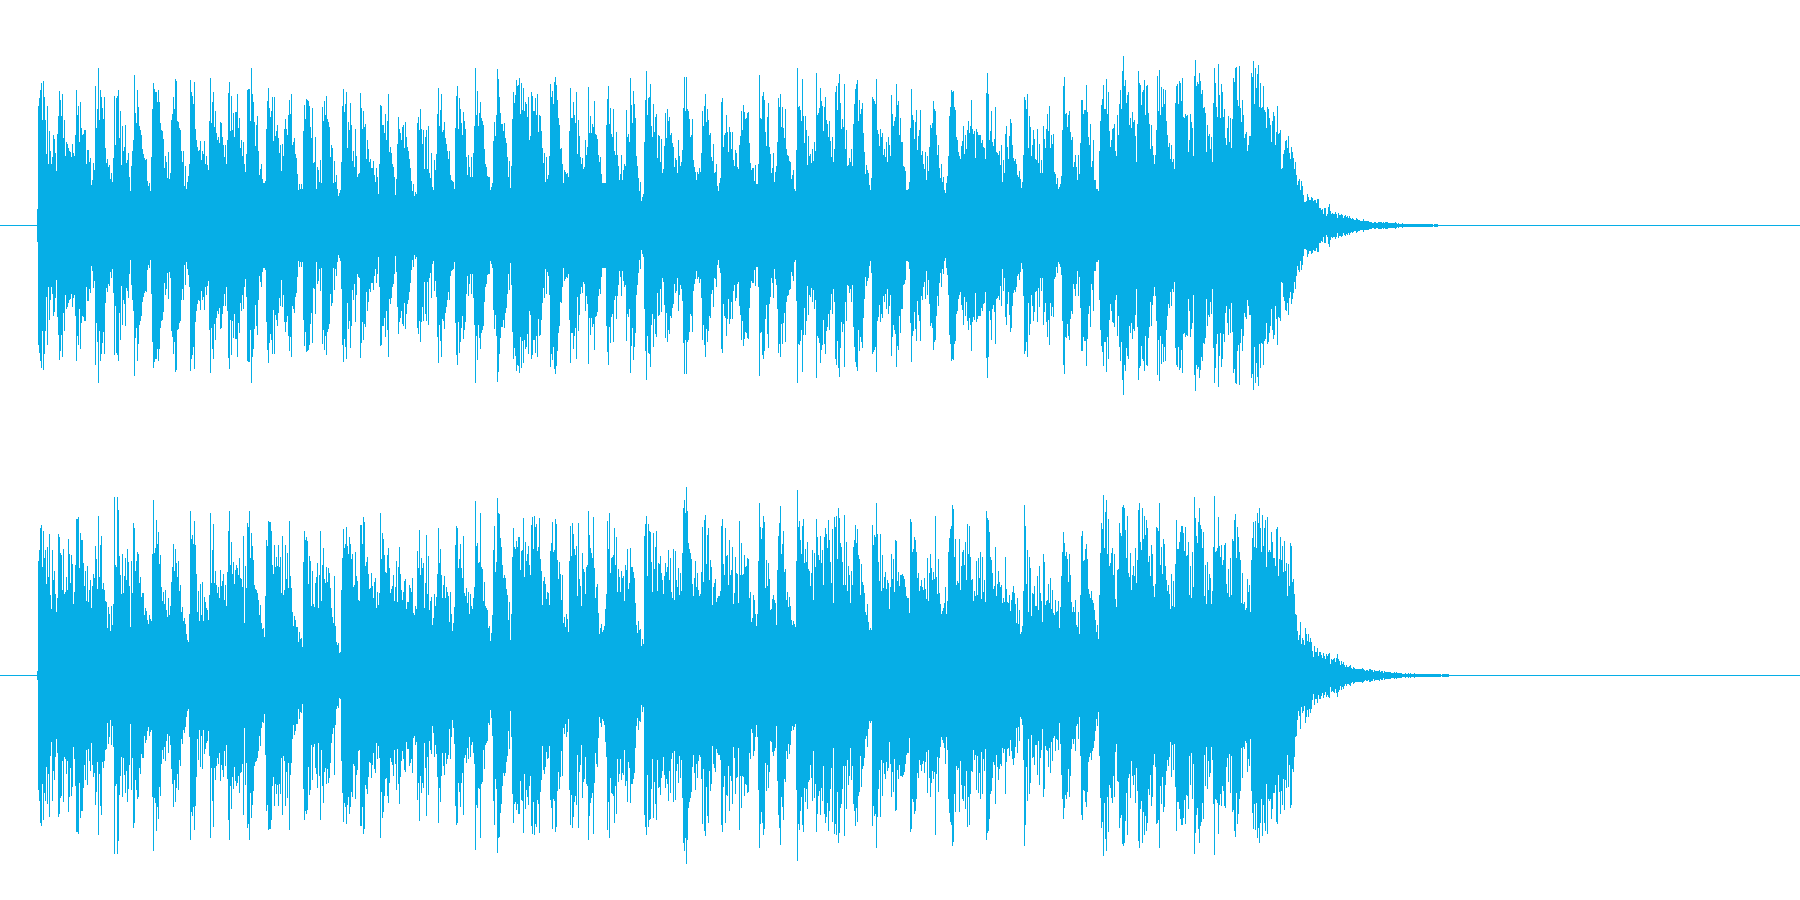 愛らしいコミカル調BGM(サビ)の再生済みの波形